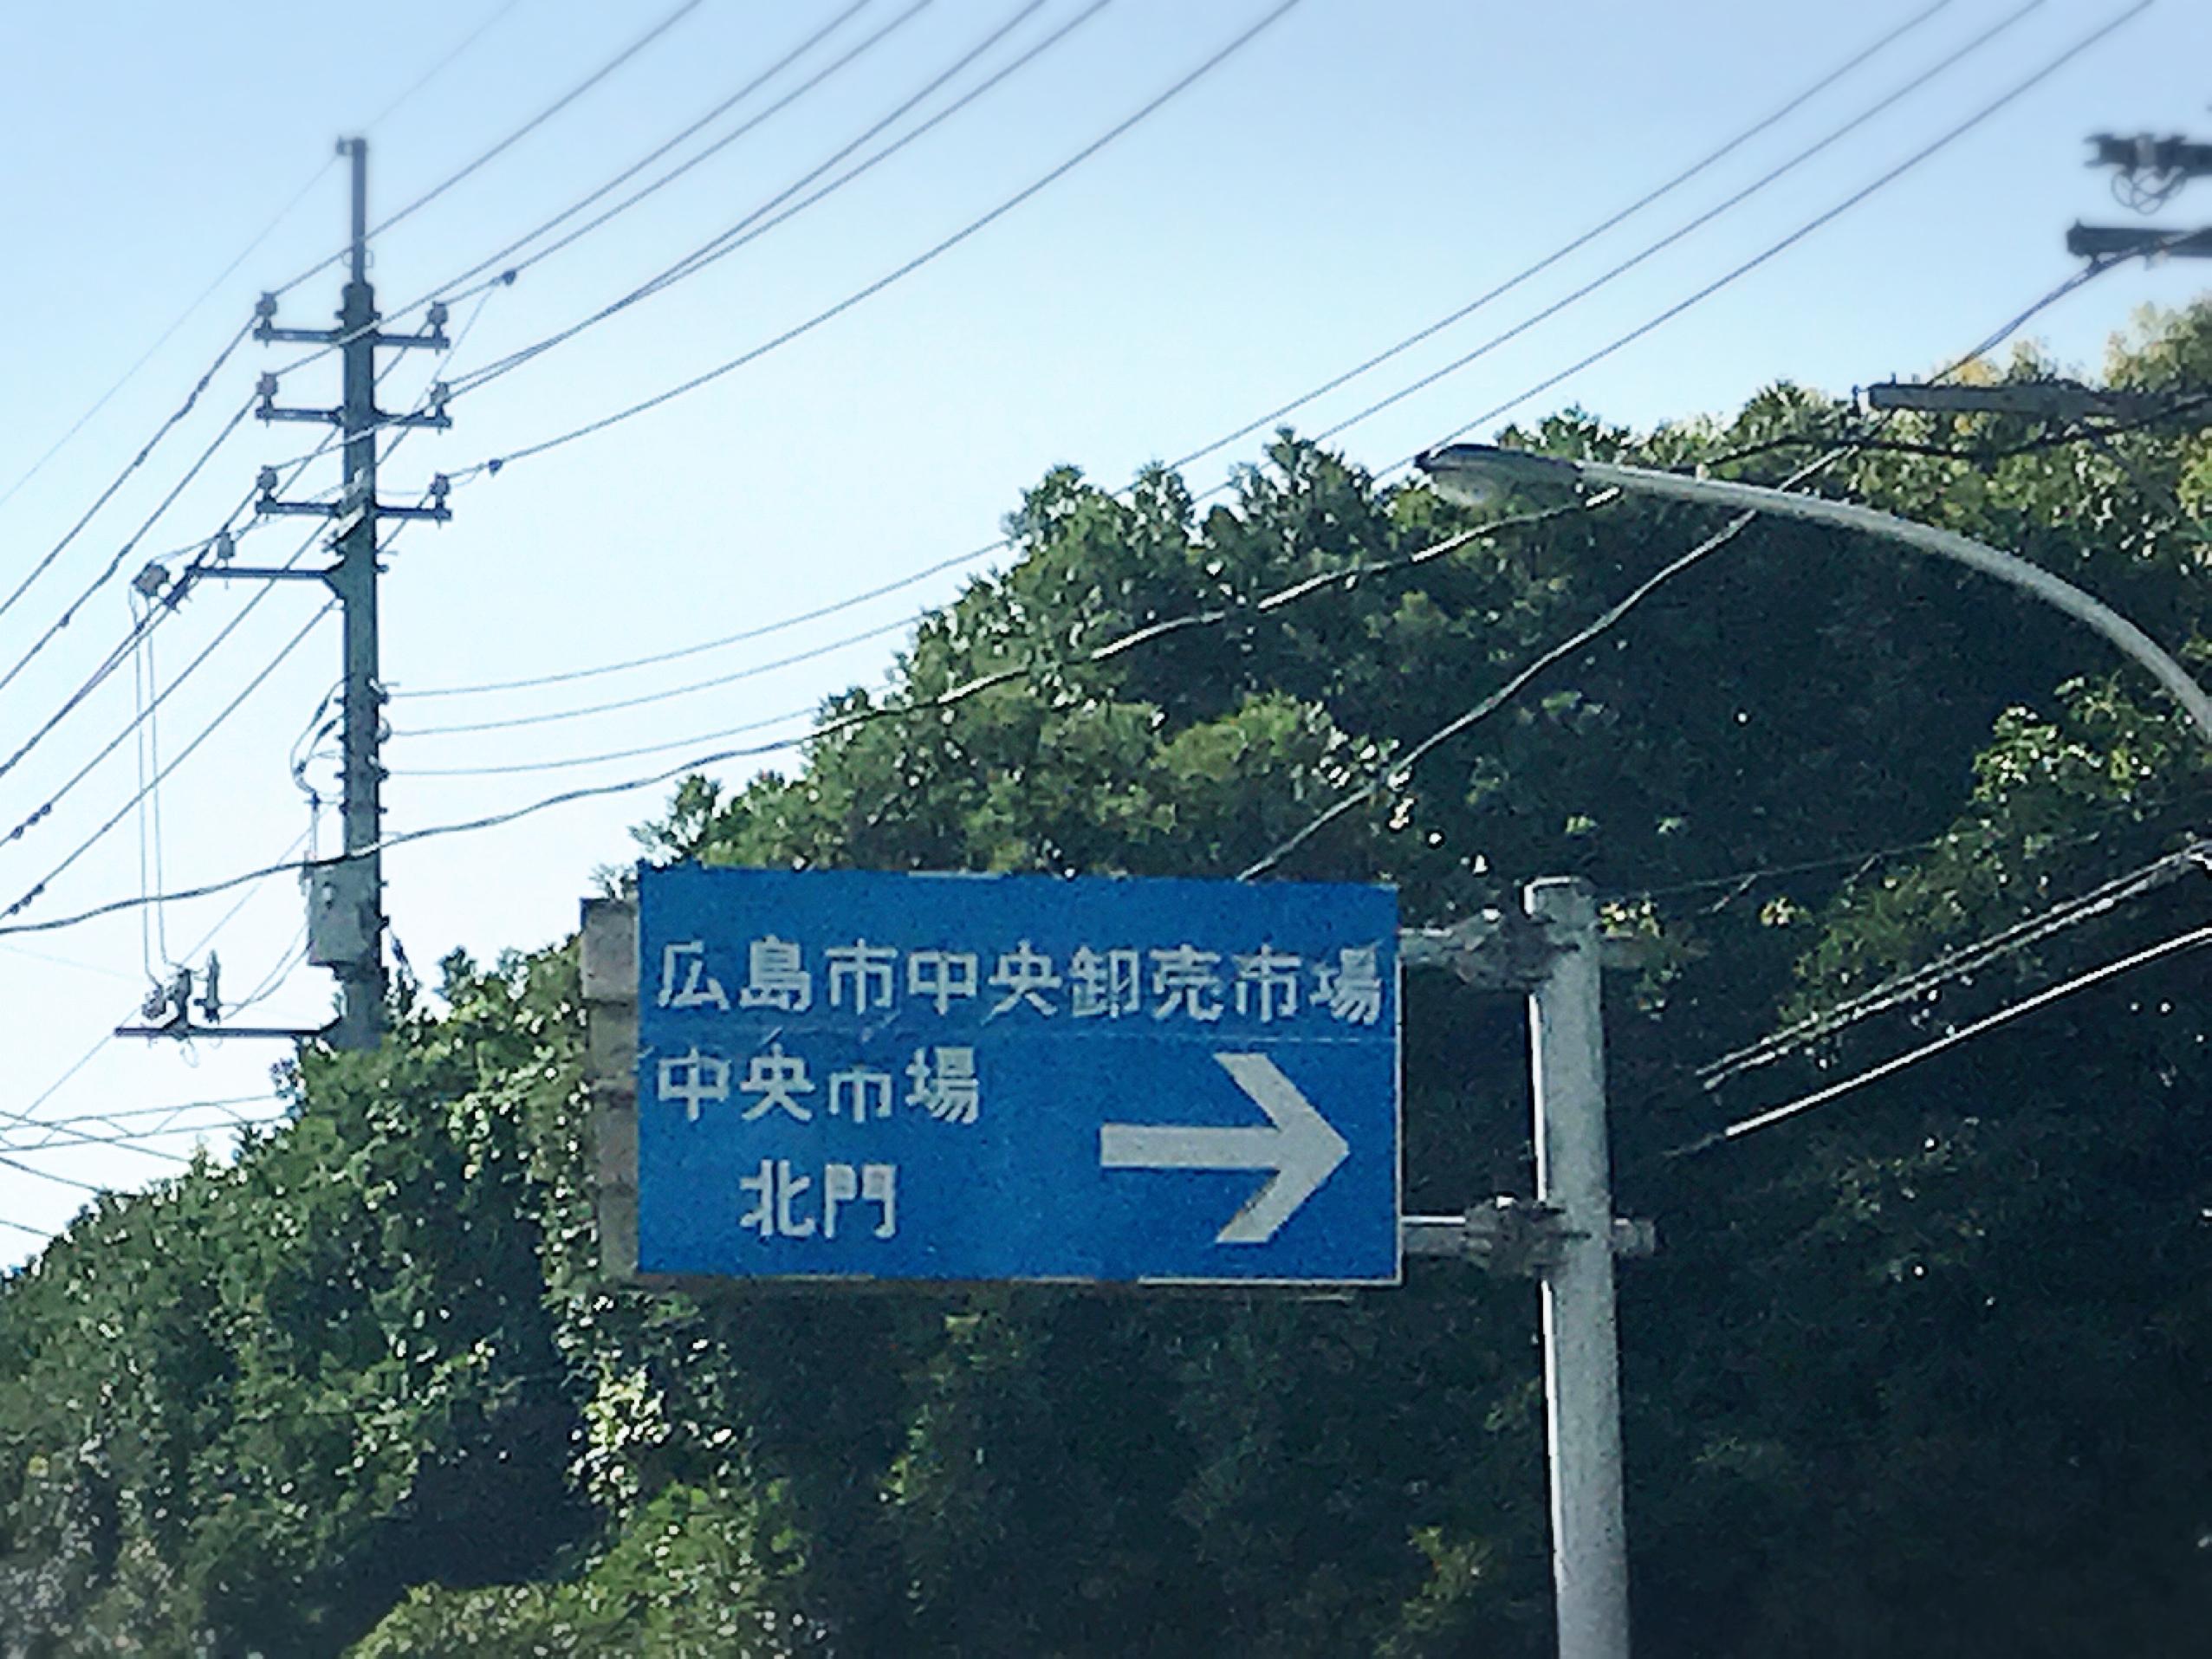 広島・草津が練りものの町な理由